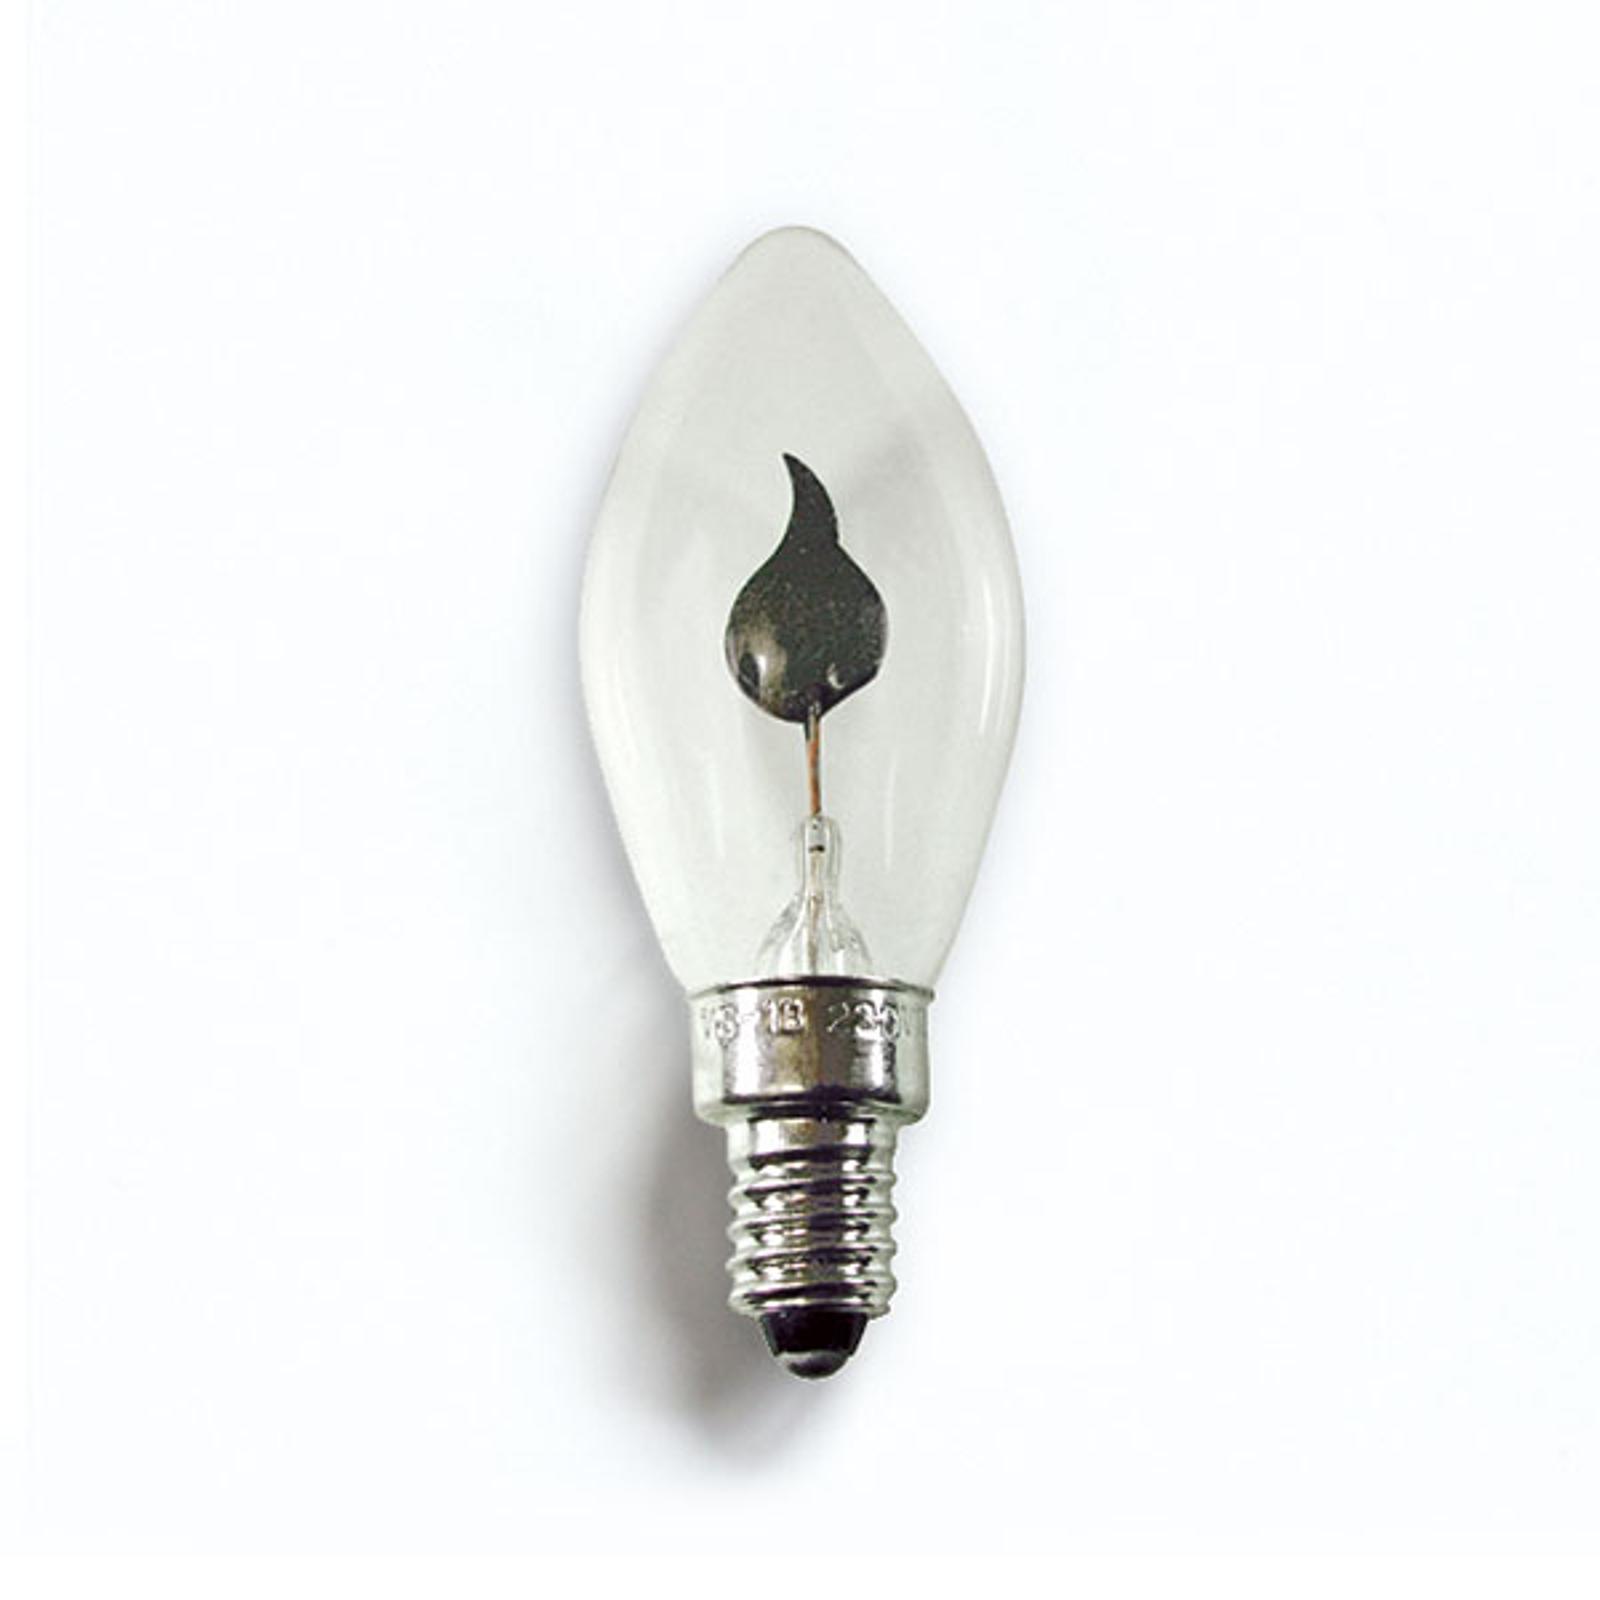 E10 1,5W 230V lampadine tremolanti, set da 2